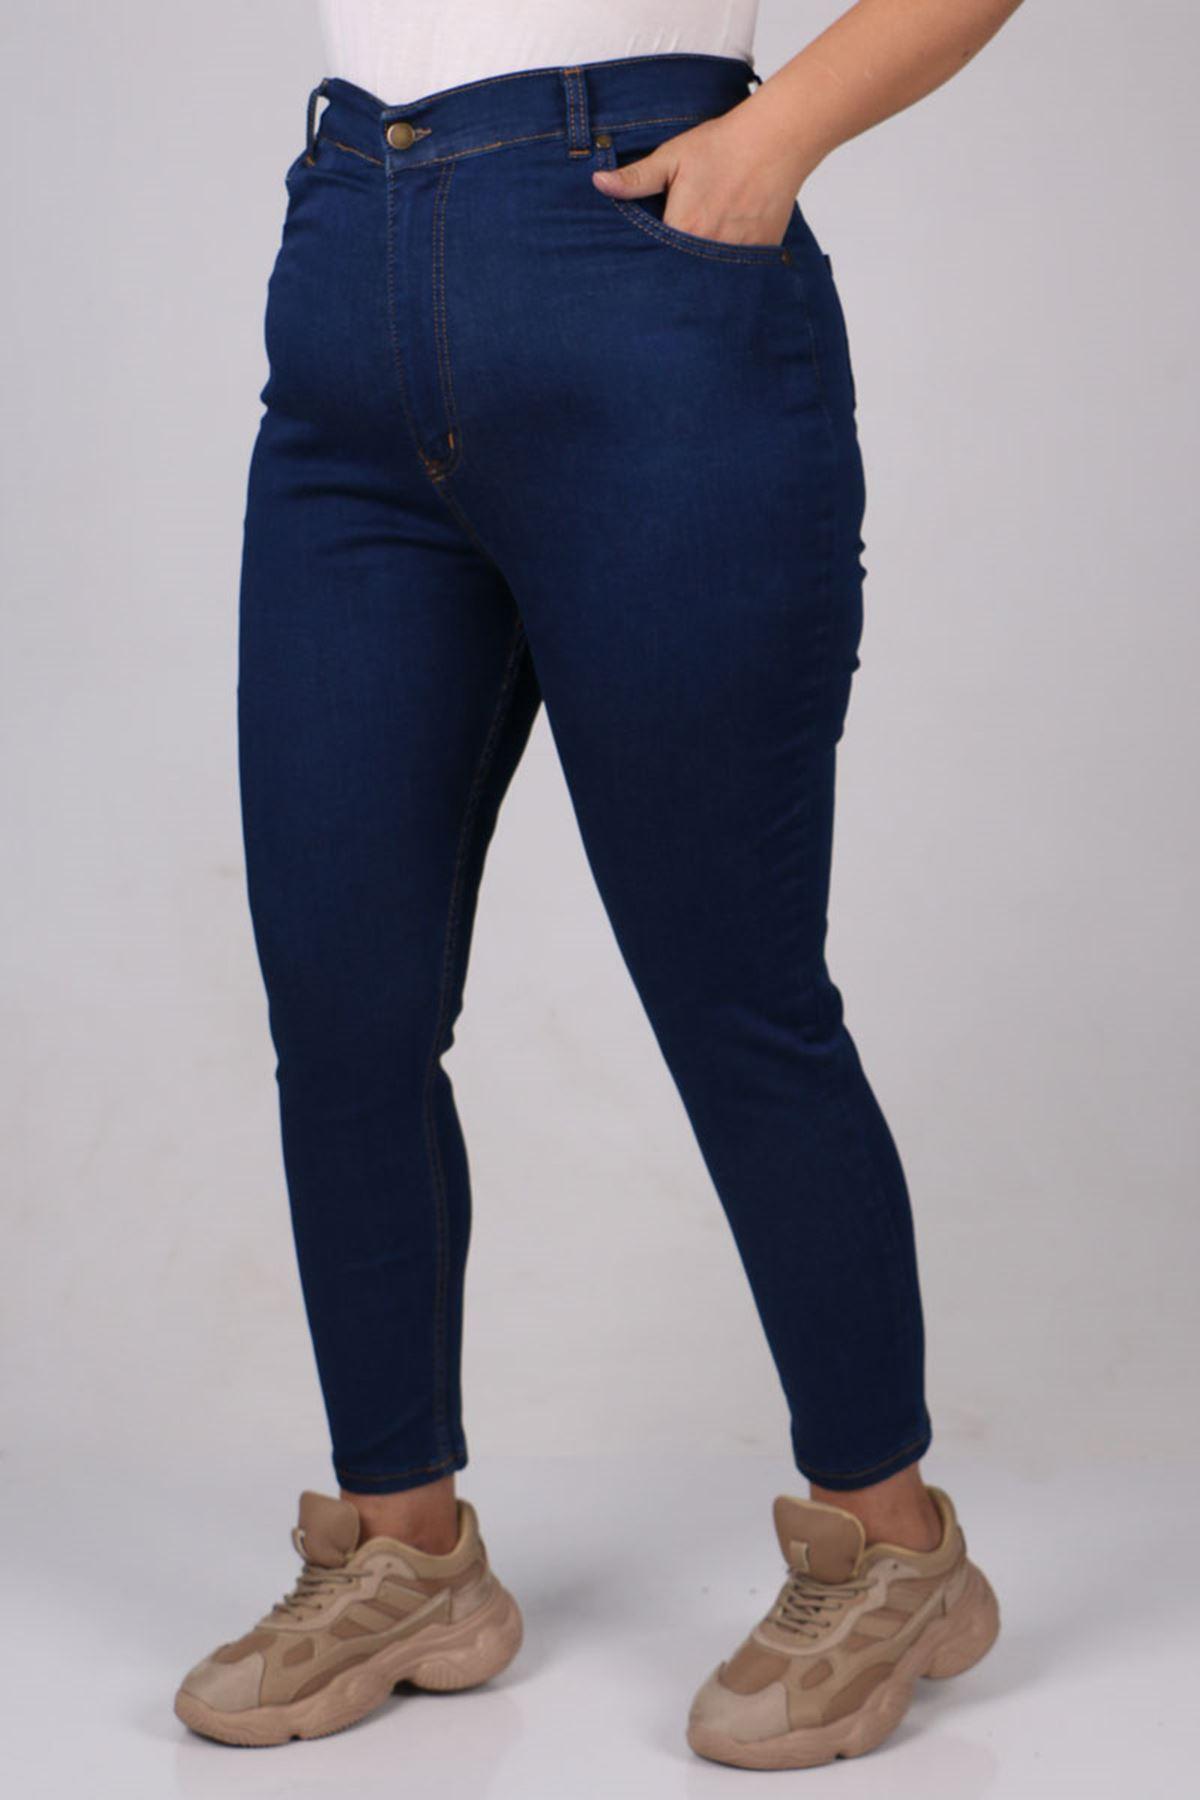 9107  Büyük Beden Dar Paça Kot Pantalon-Koyu Mavi